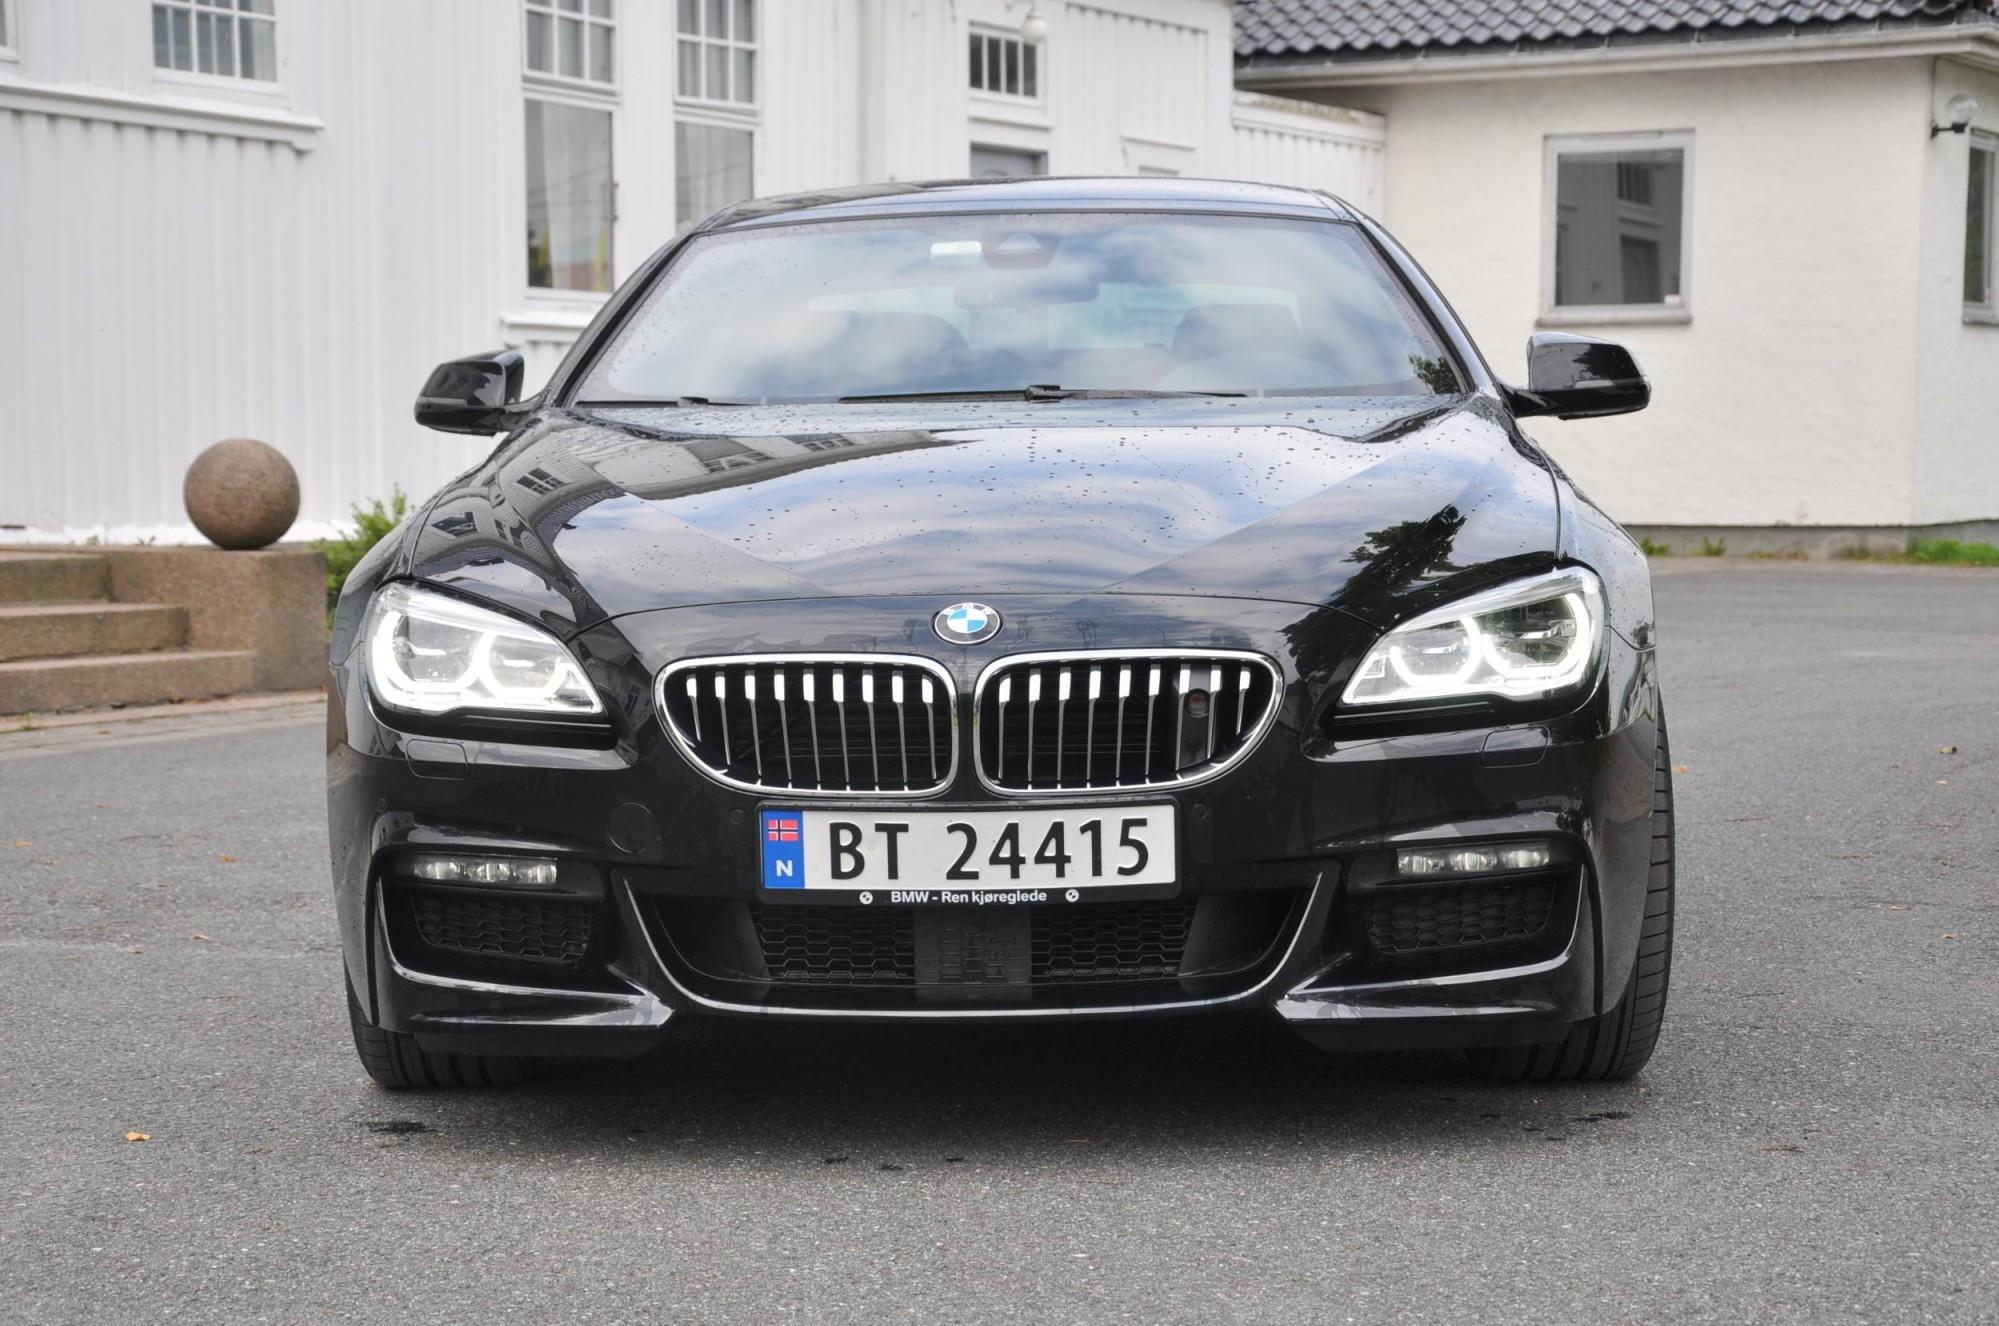 BMW har stanset salget av 6-serie Coupe i flere markedet. Illustrasjonsfoto.